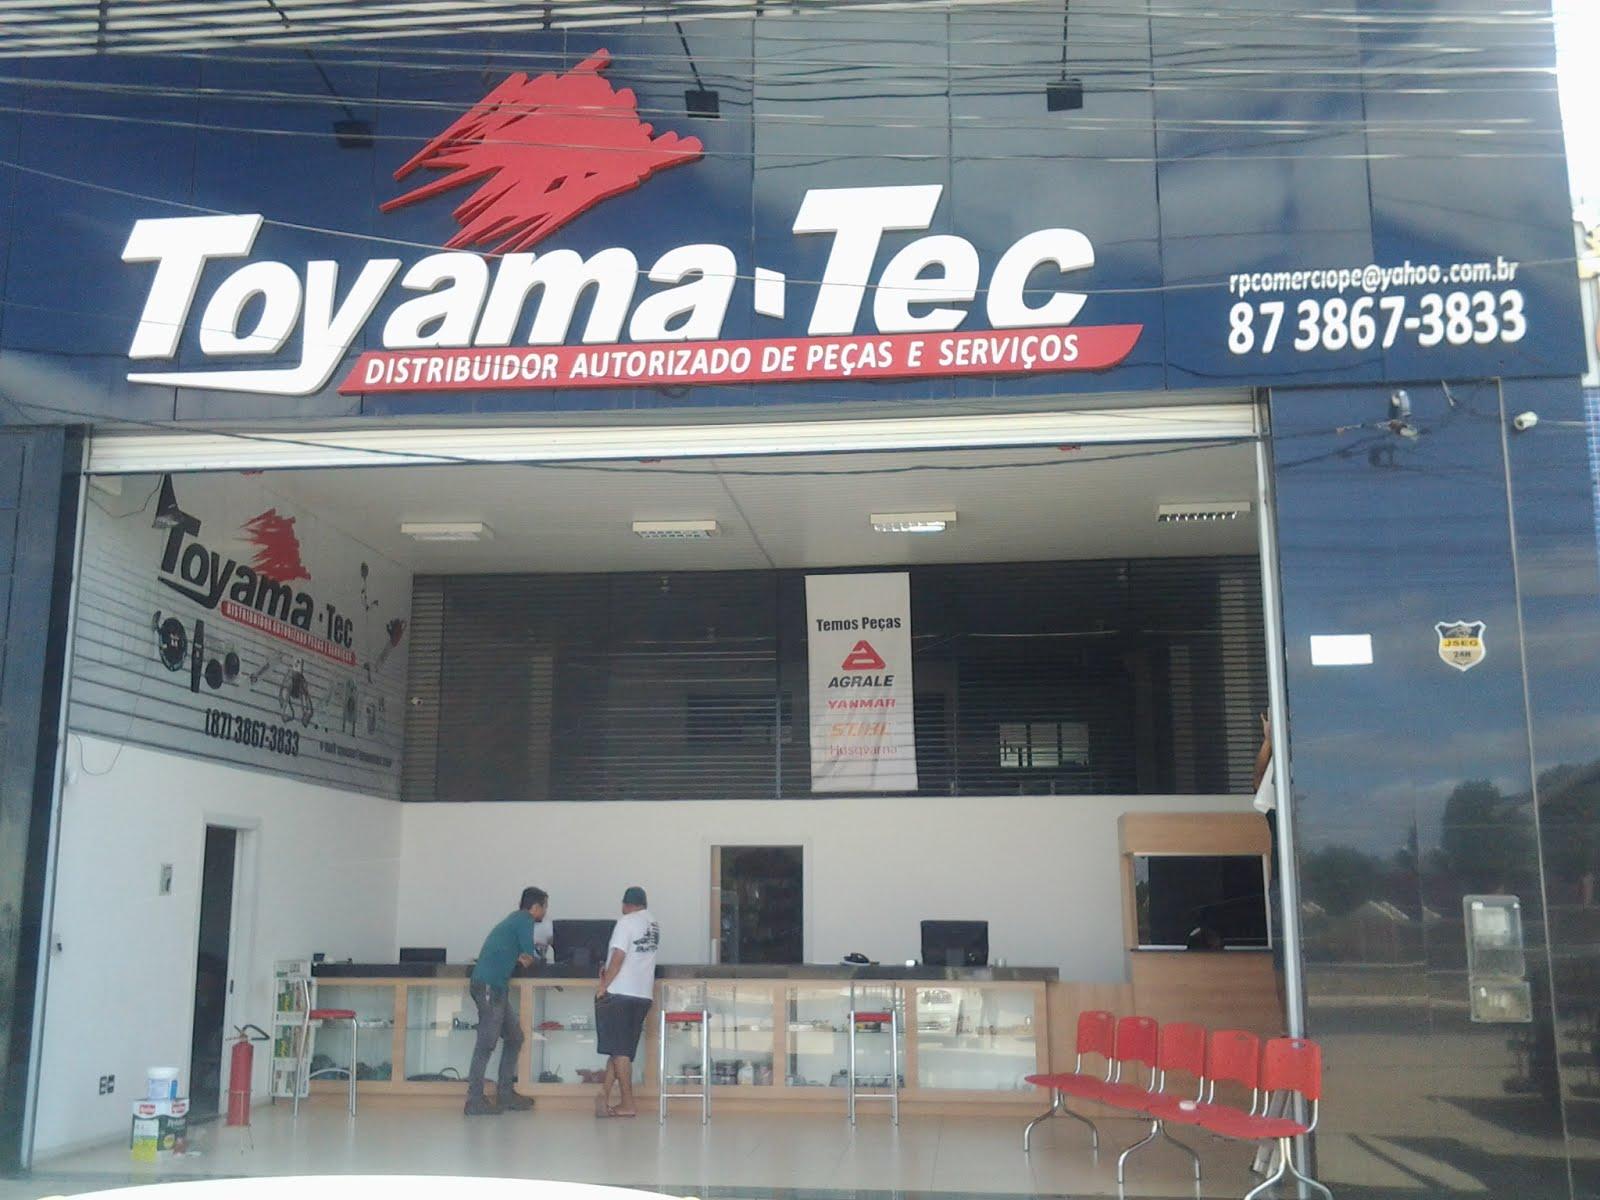 TOYAMA-TEC DISTRIBUIDOR AUTORIZADO DE PEÇAS E SERVIÇOS